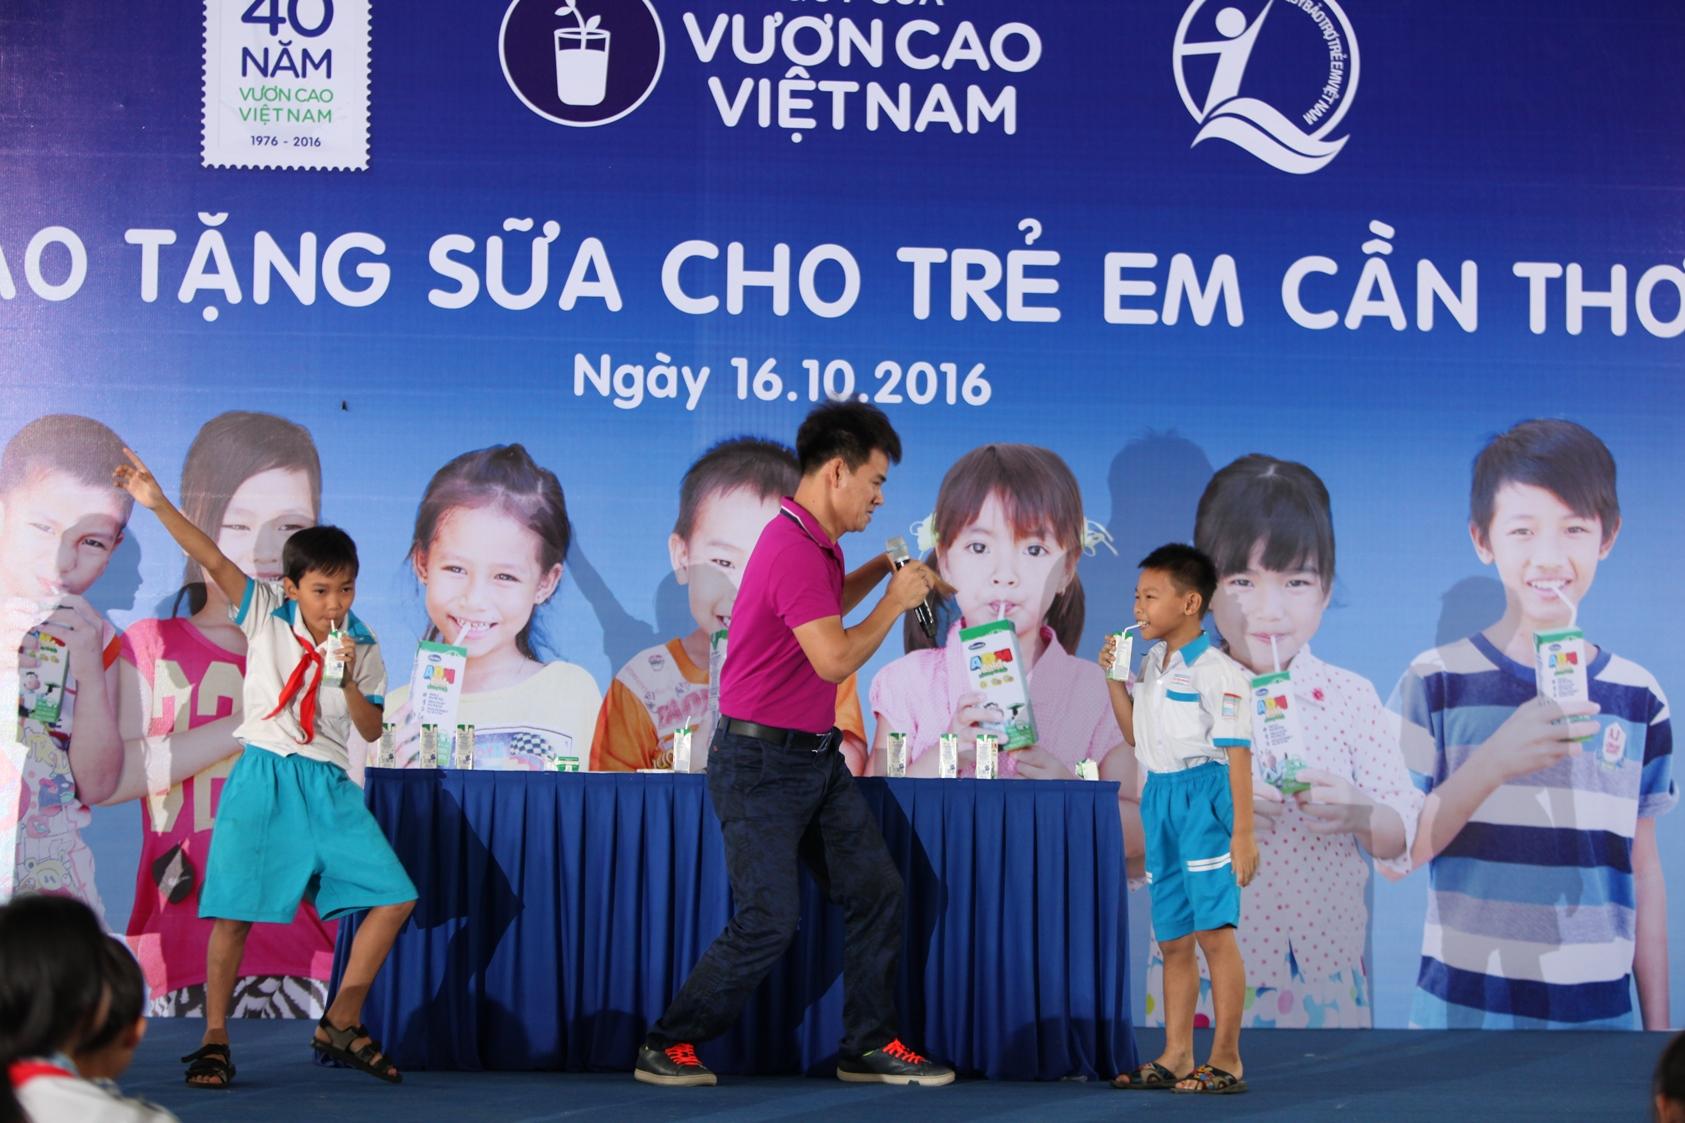 Vinamilk và Quỹ sữa Vươn cao Việt Nam trao tặng sữa cho trẻ em Cần Thơ - Ảnh 8